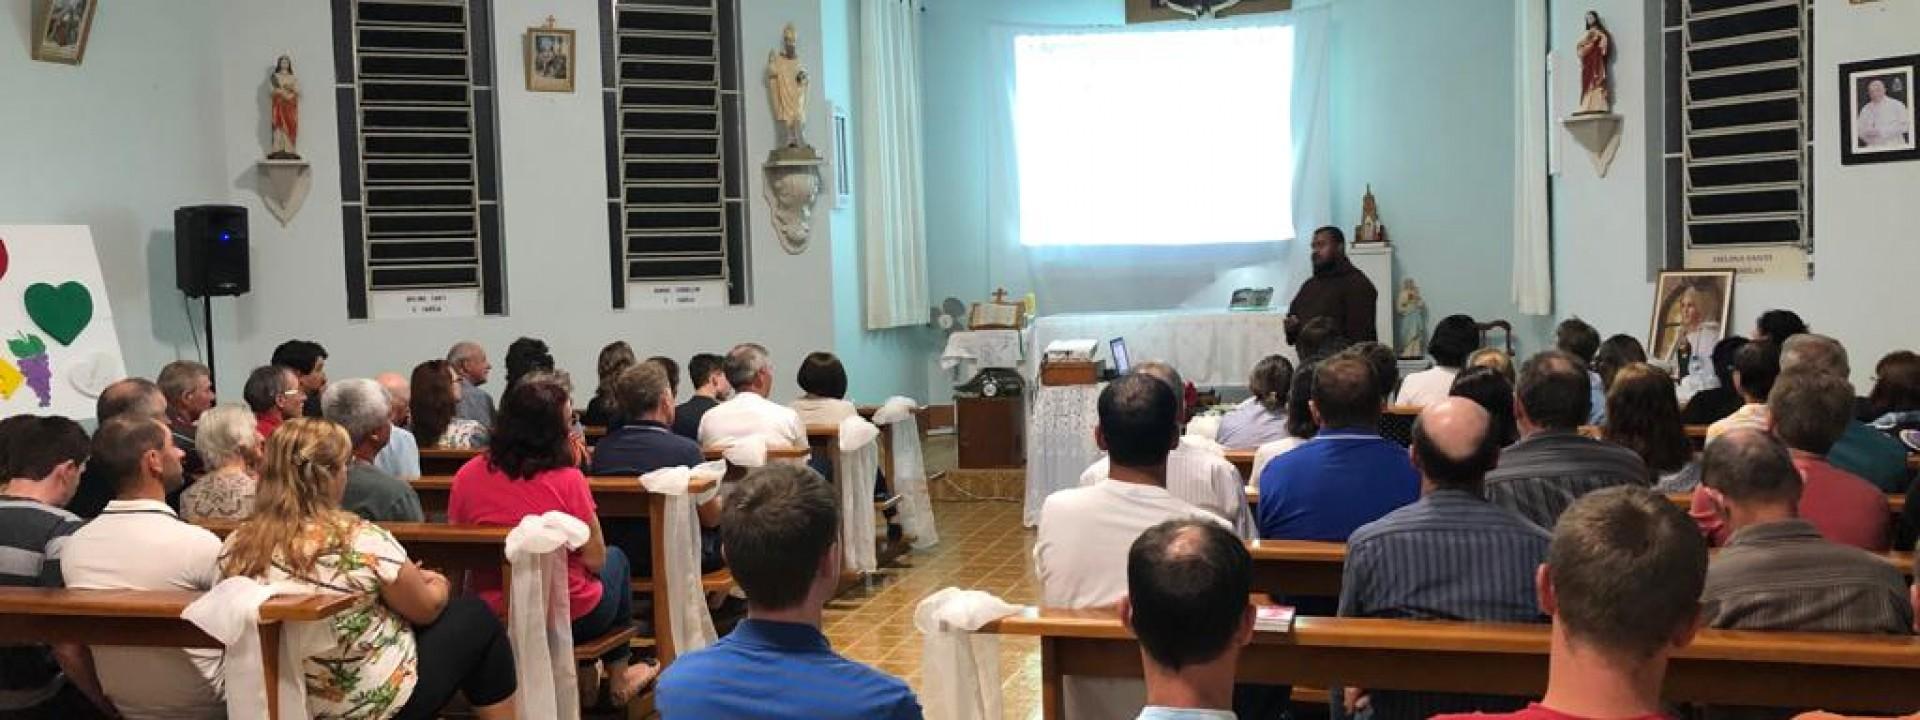 santo-antonio-do-araripe-recebe-missoes_10_2726.jpg